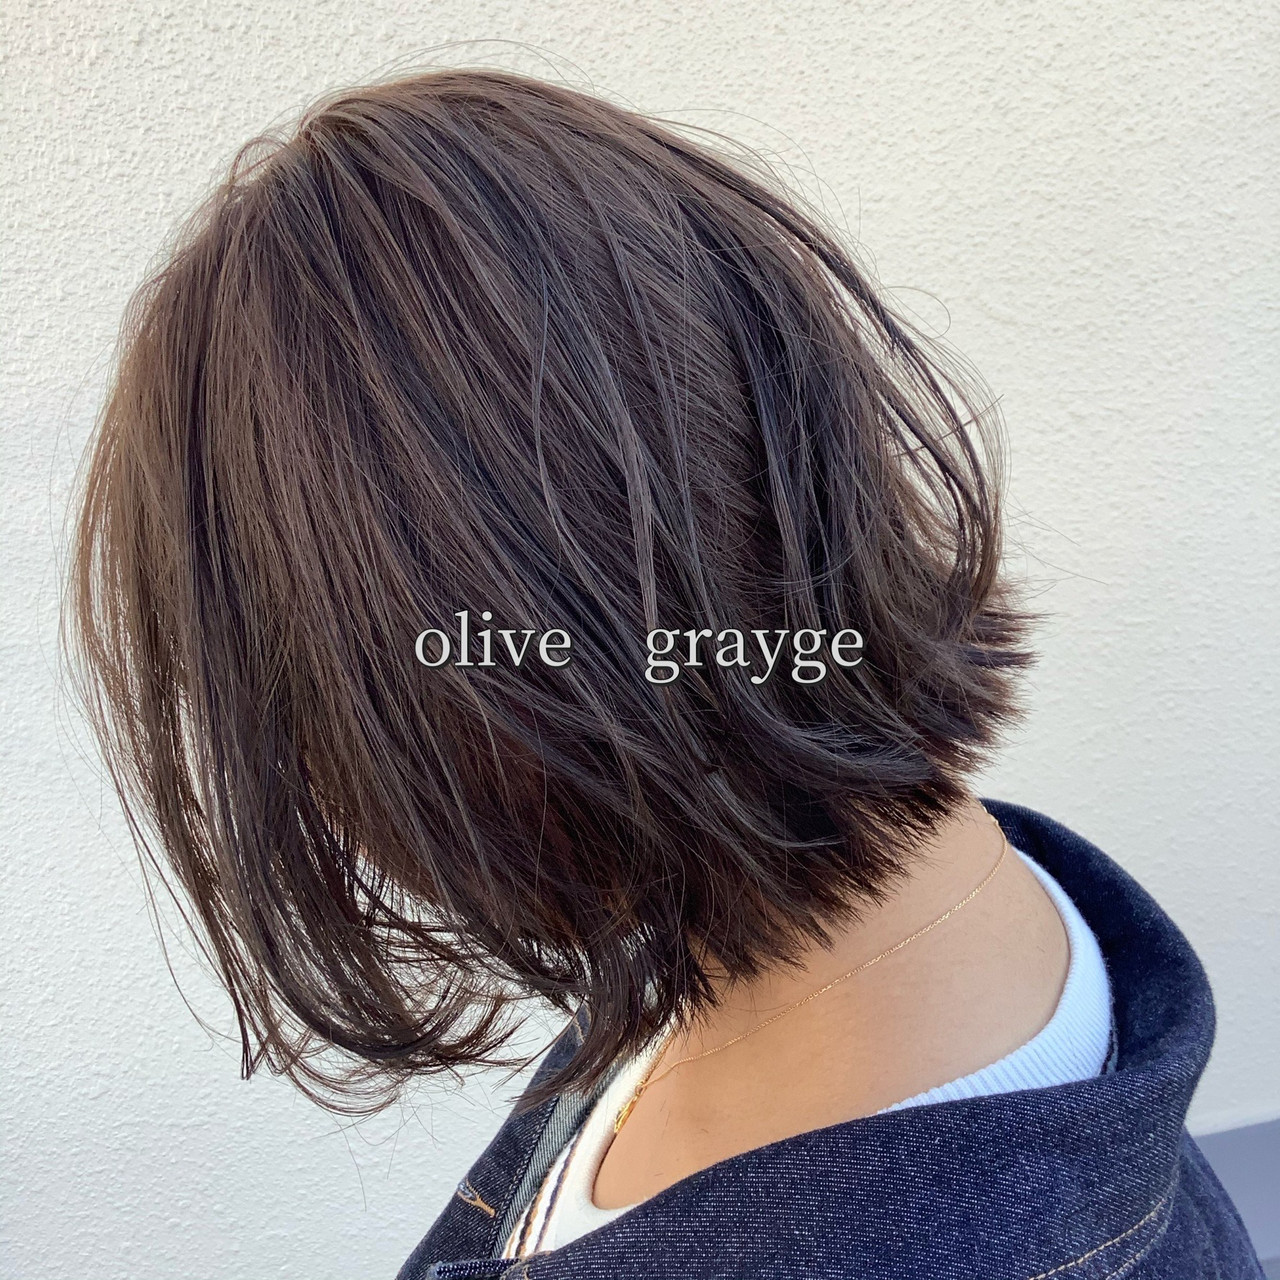 ヘアカラー ナチュラル可愛い オリーブカラー ボブ ヘアスタイルや髪型の写真・画像